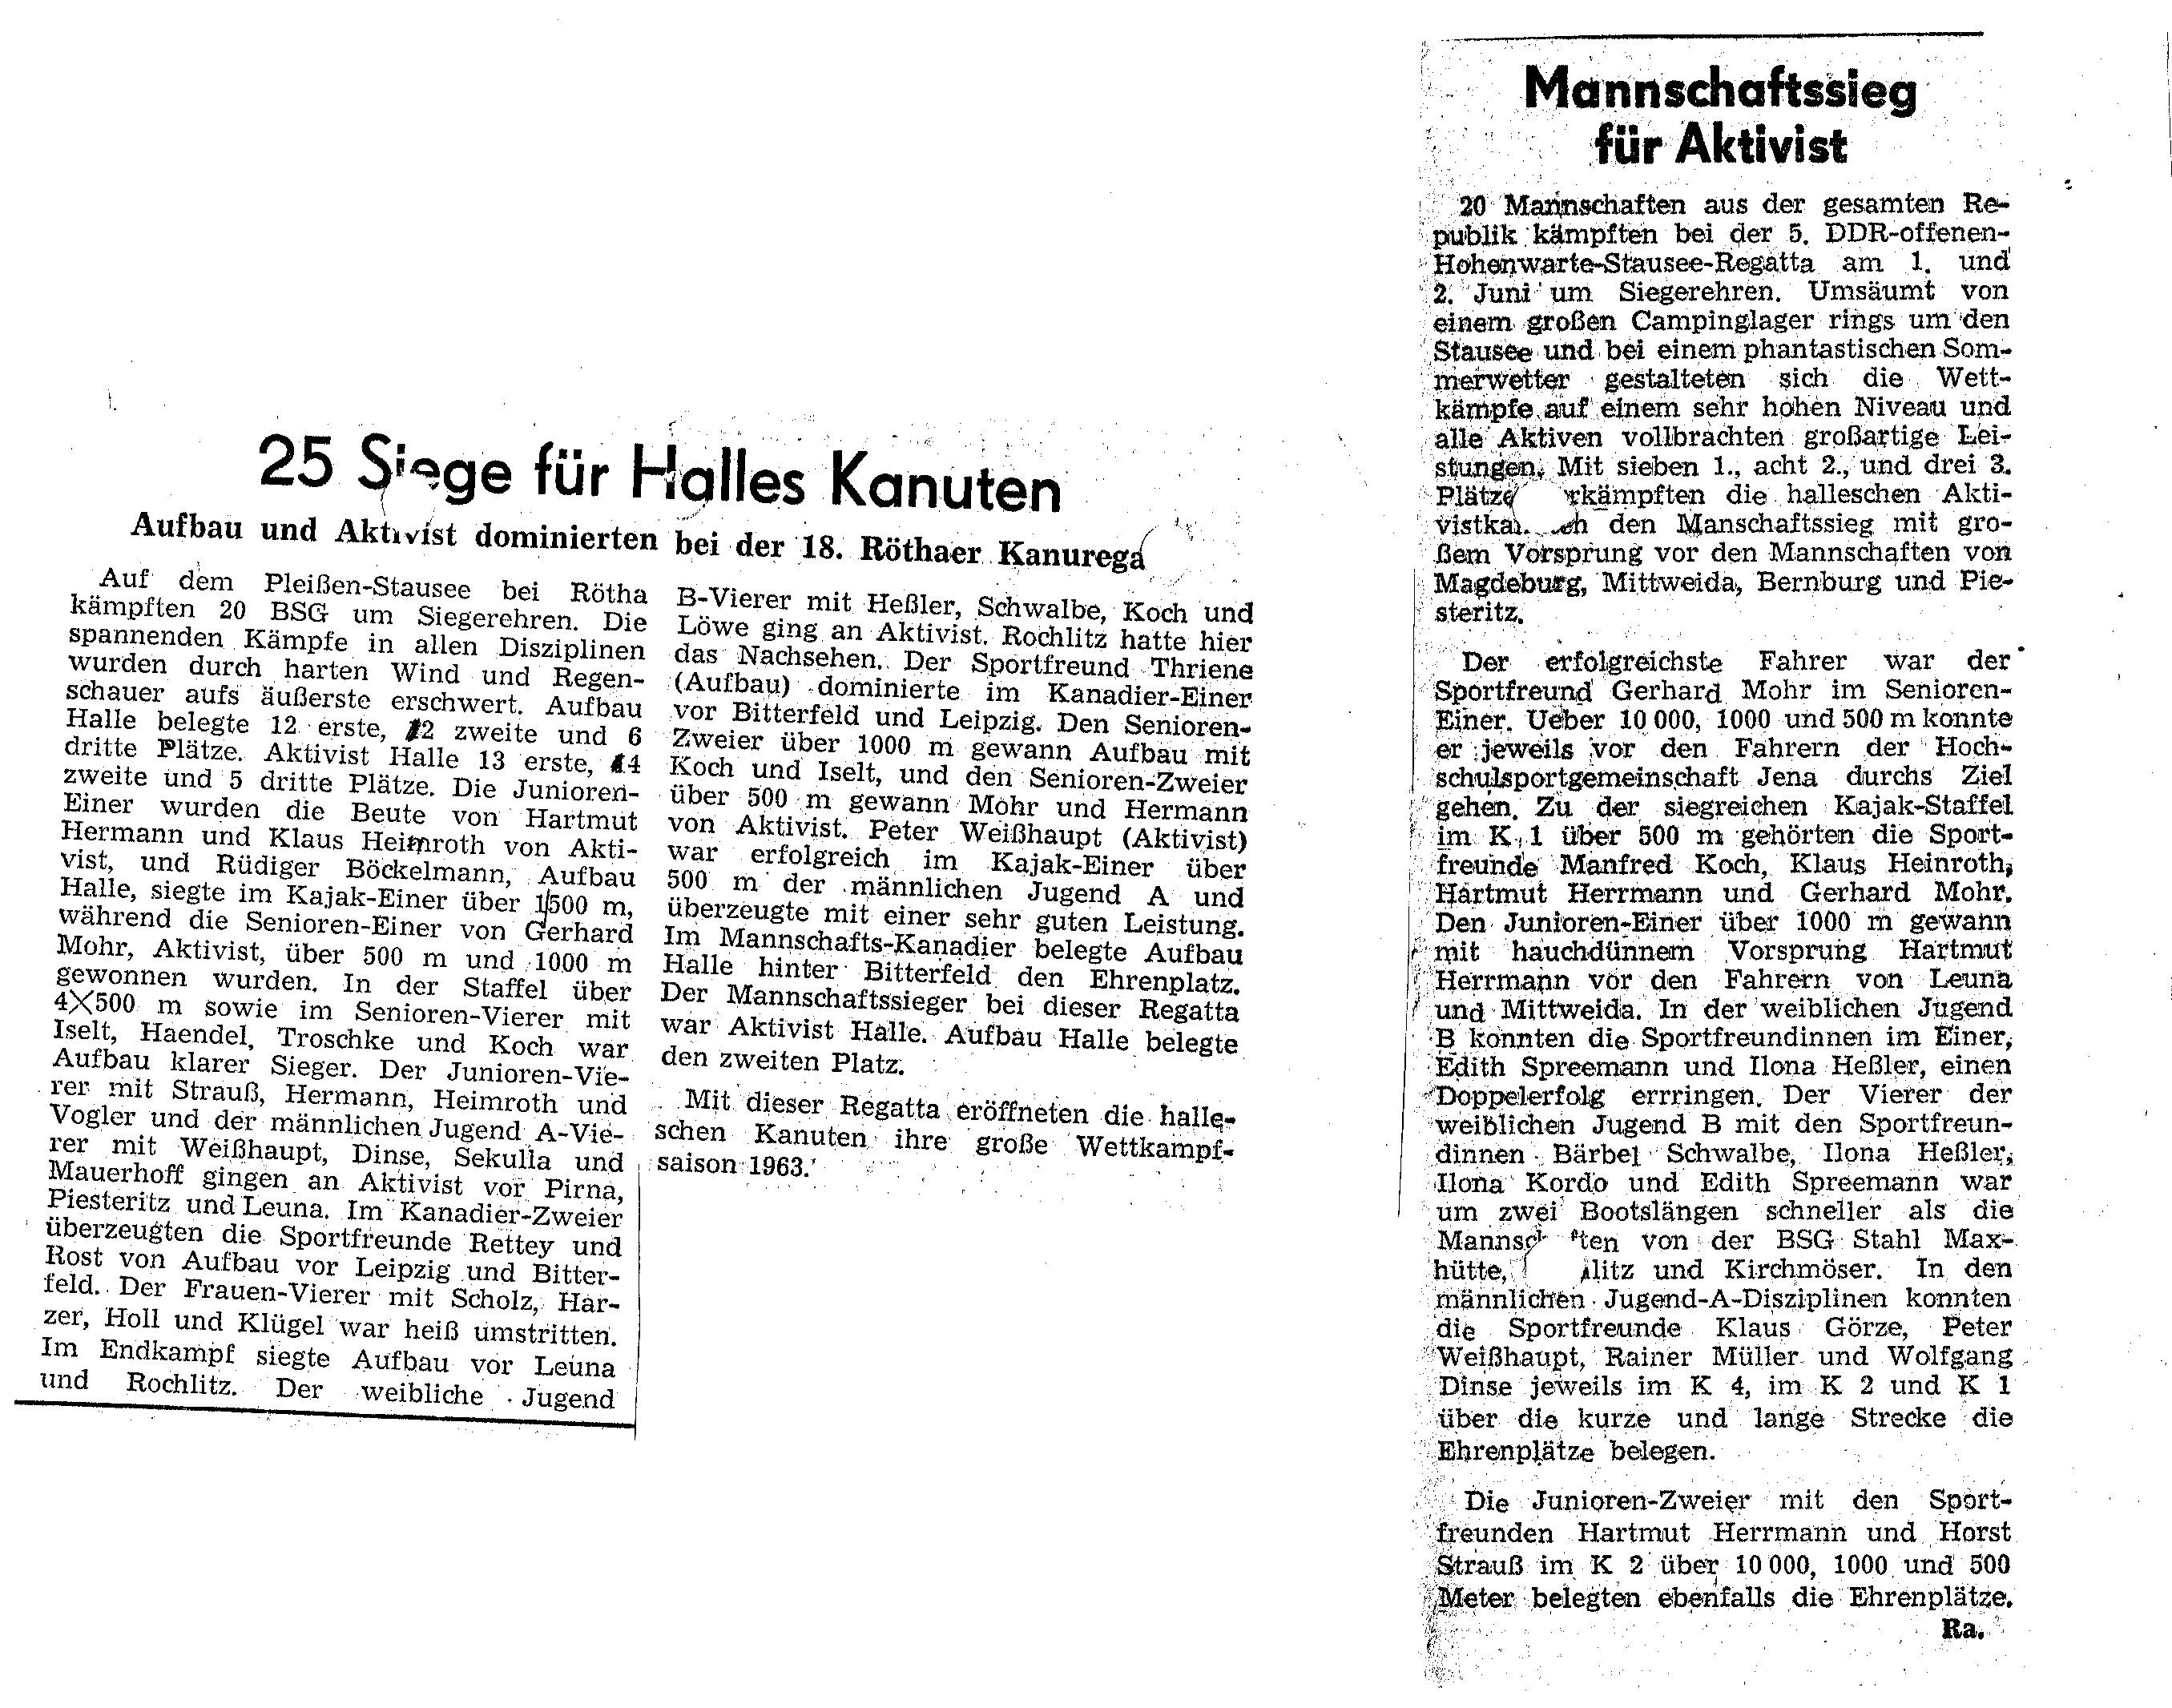 1963-06.02 Mannschaftssieg für Aktivist, 25 siege für Halles Kanuten